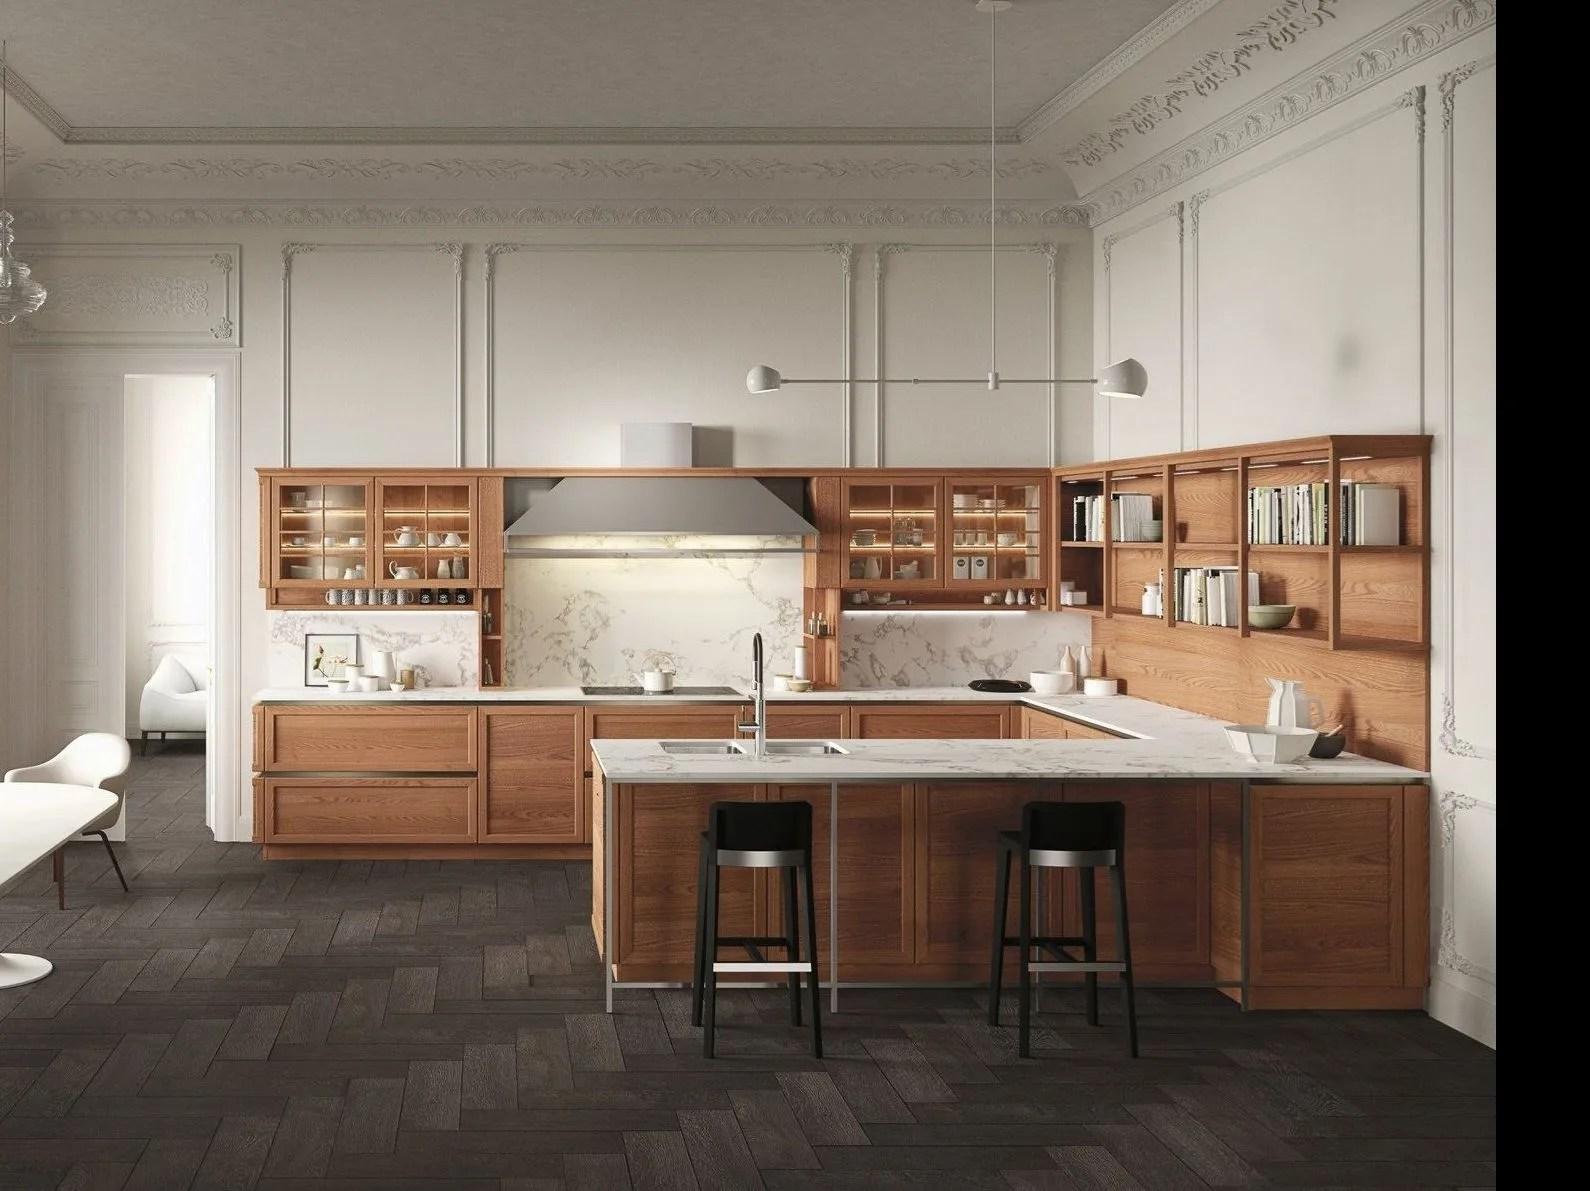 HERITAGE Cucina in legno by Snaidero design Massimo Iosa Ghini